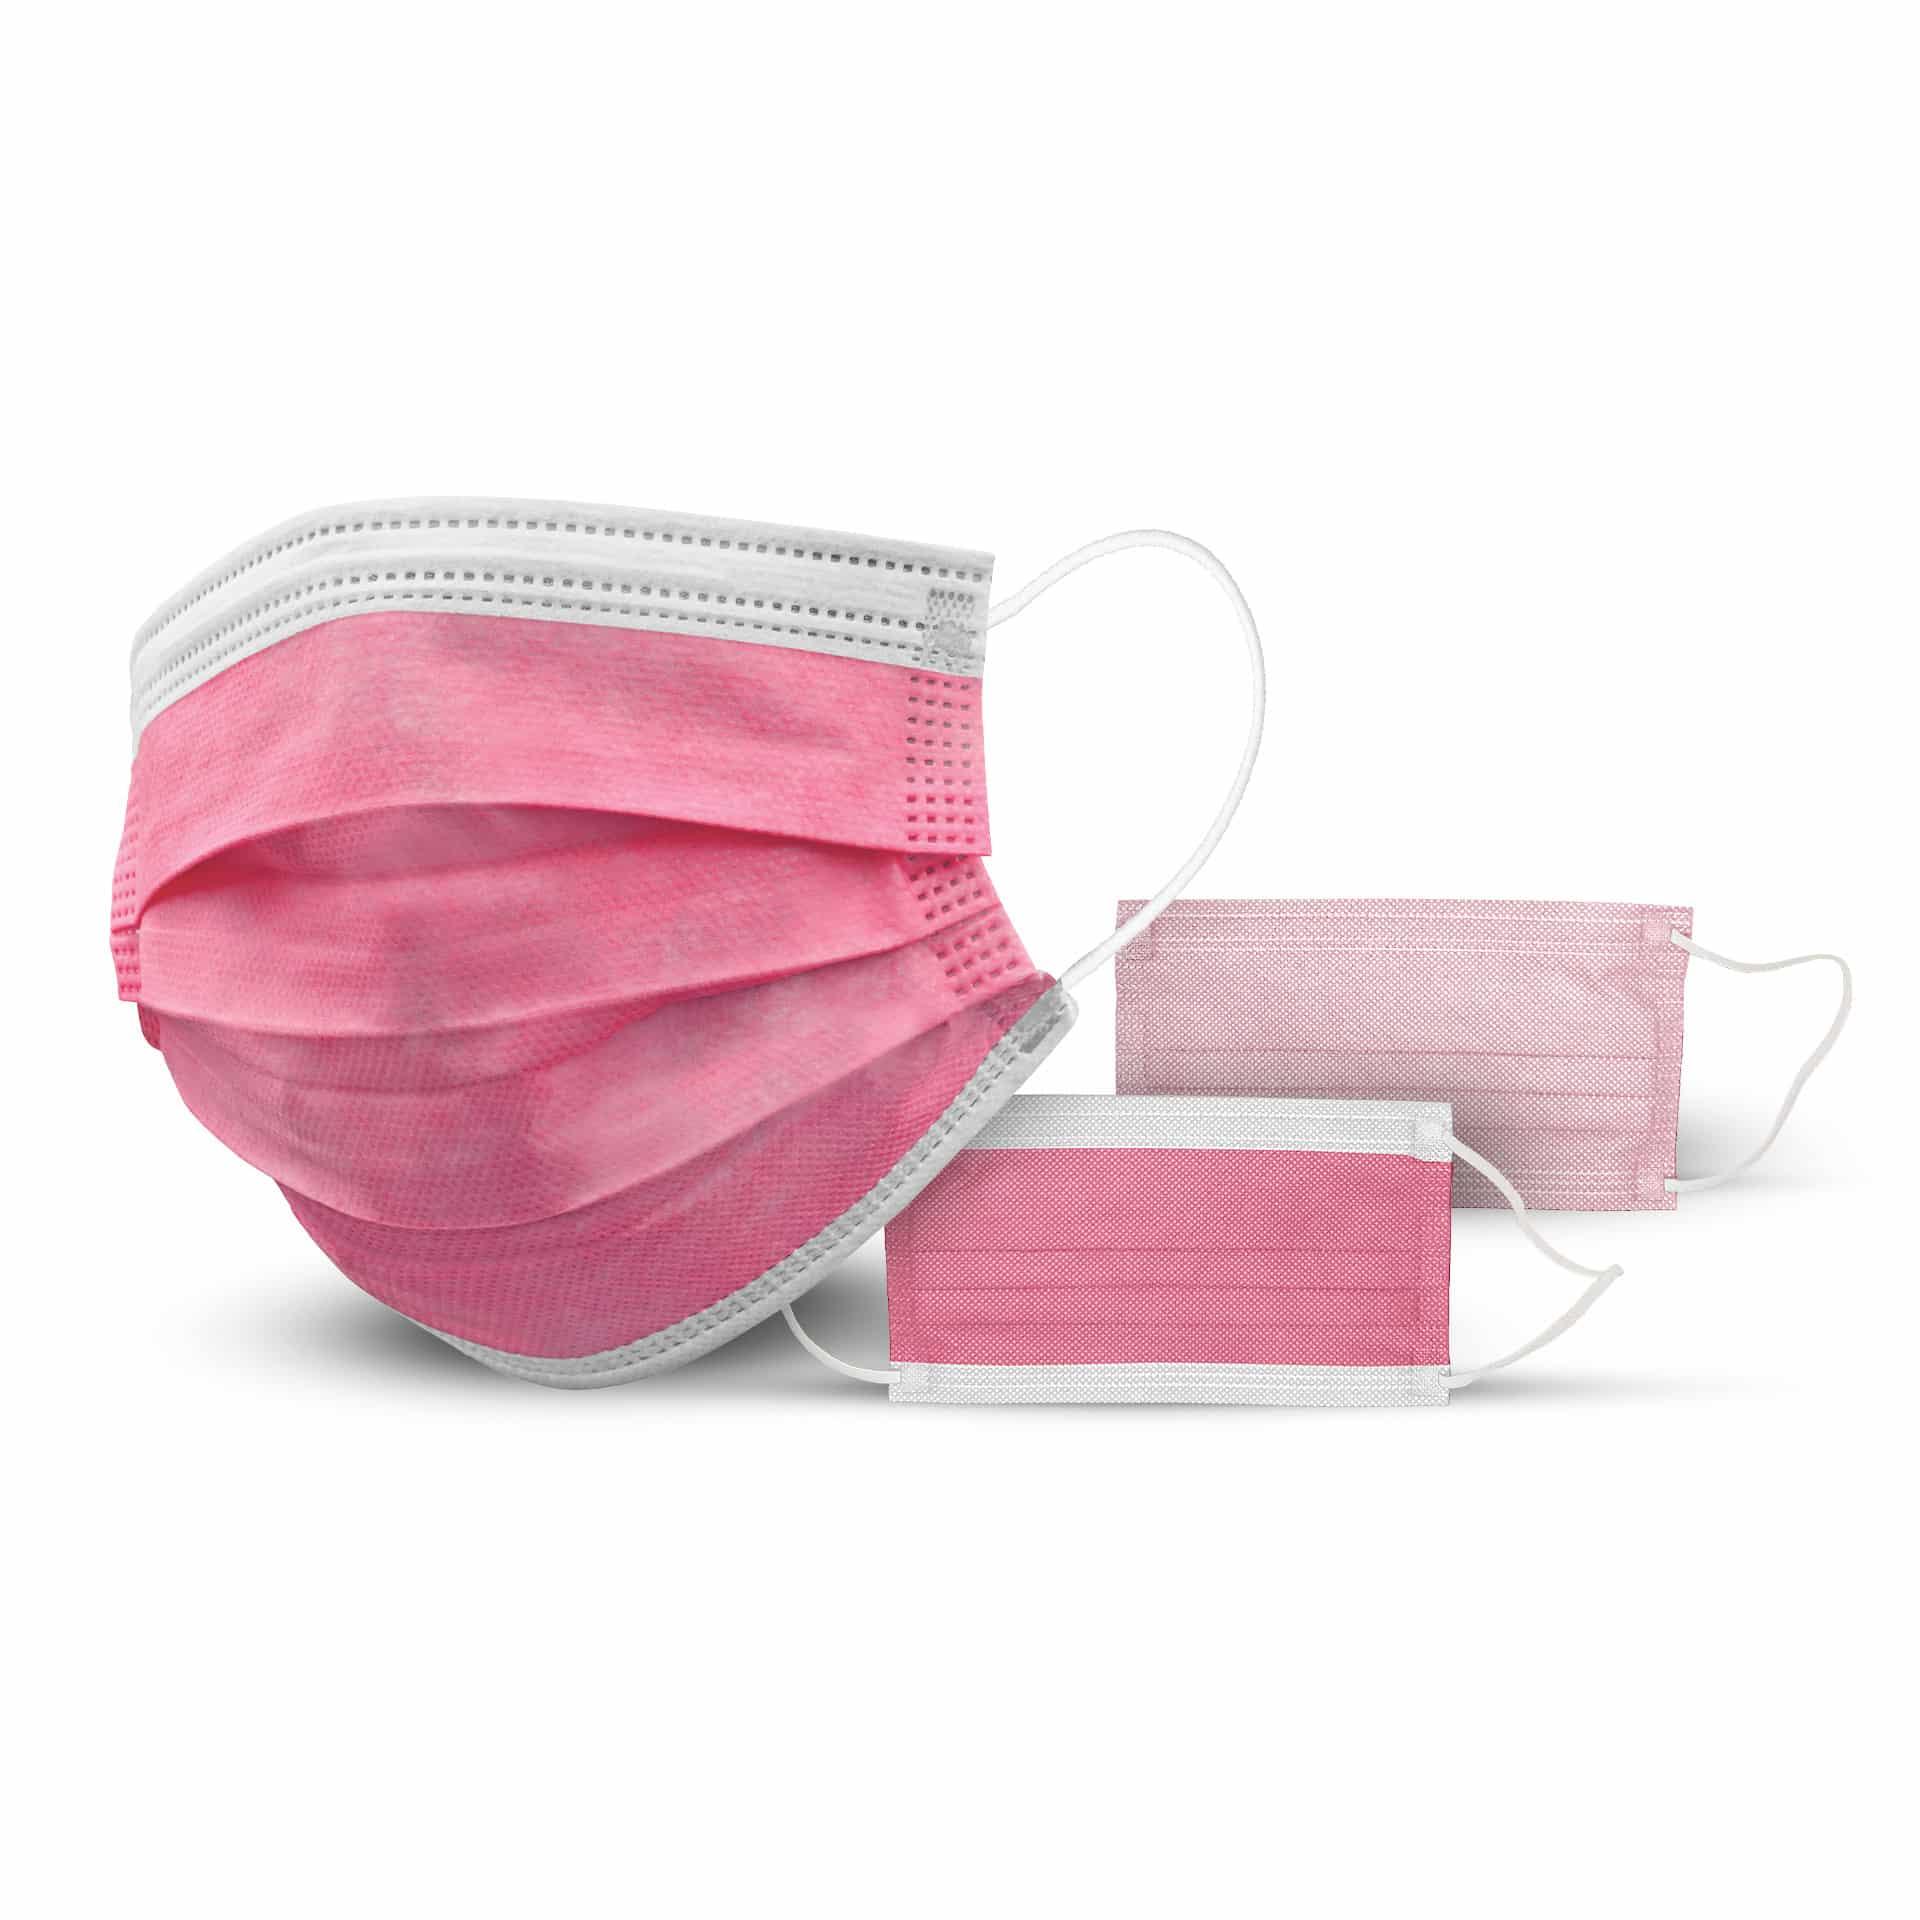 Mascherina chirurgica tipo II (50 pezzi) (Colore: Rosa, Quantità: 10 box / 500 pezzi)